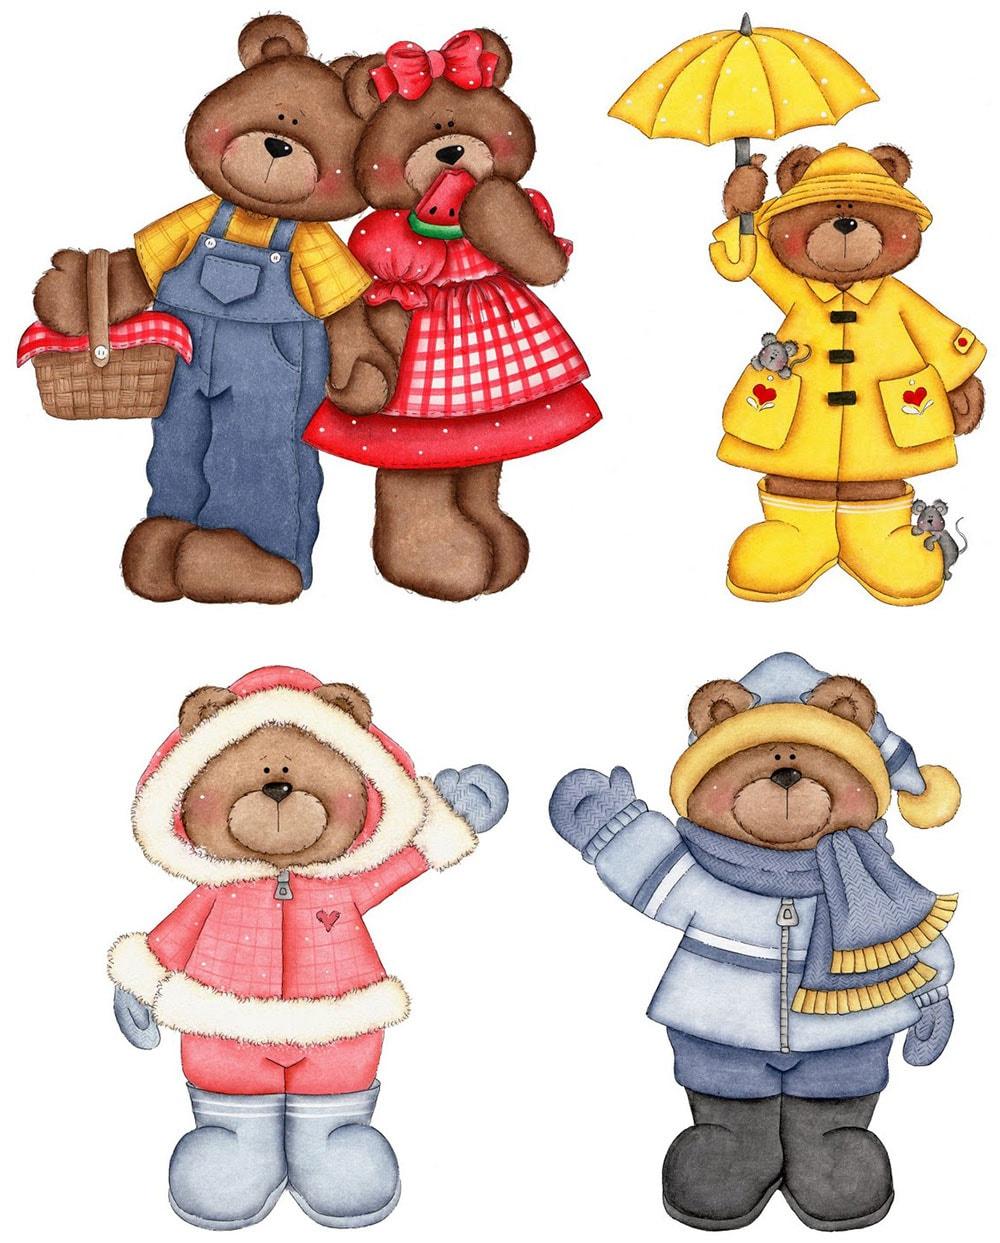 Çocuk odaları için hayvanlı dekupaj resimleri